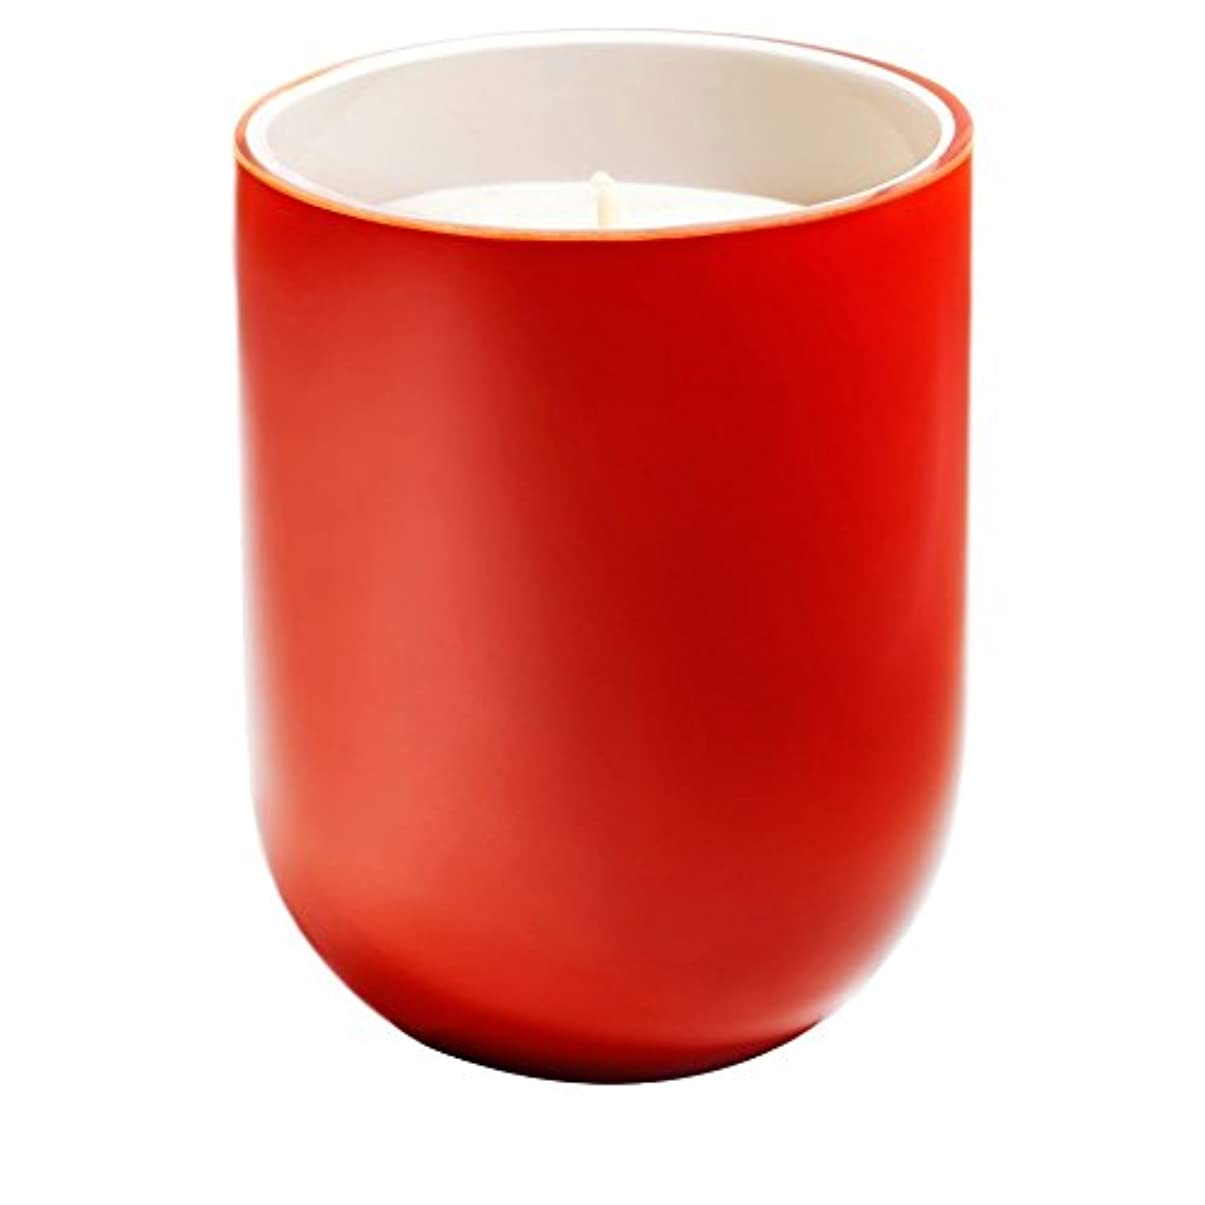 精通した箱帳面フレデリック?マルロシアの夜香りのキャンドル x6 - Frederic Malle Russian Night Scented Candle (Pack of 6) [並行輸入品]